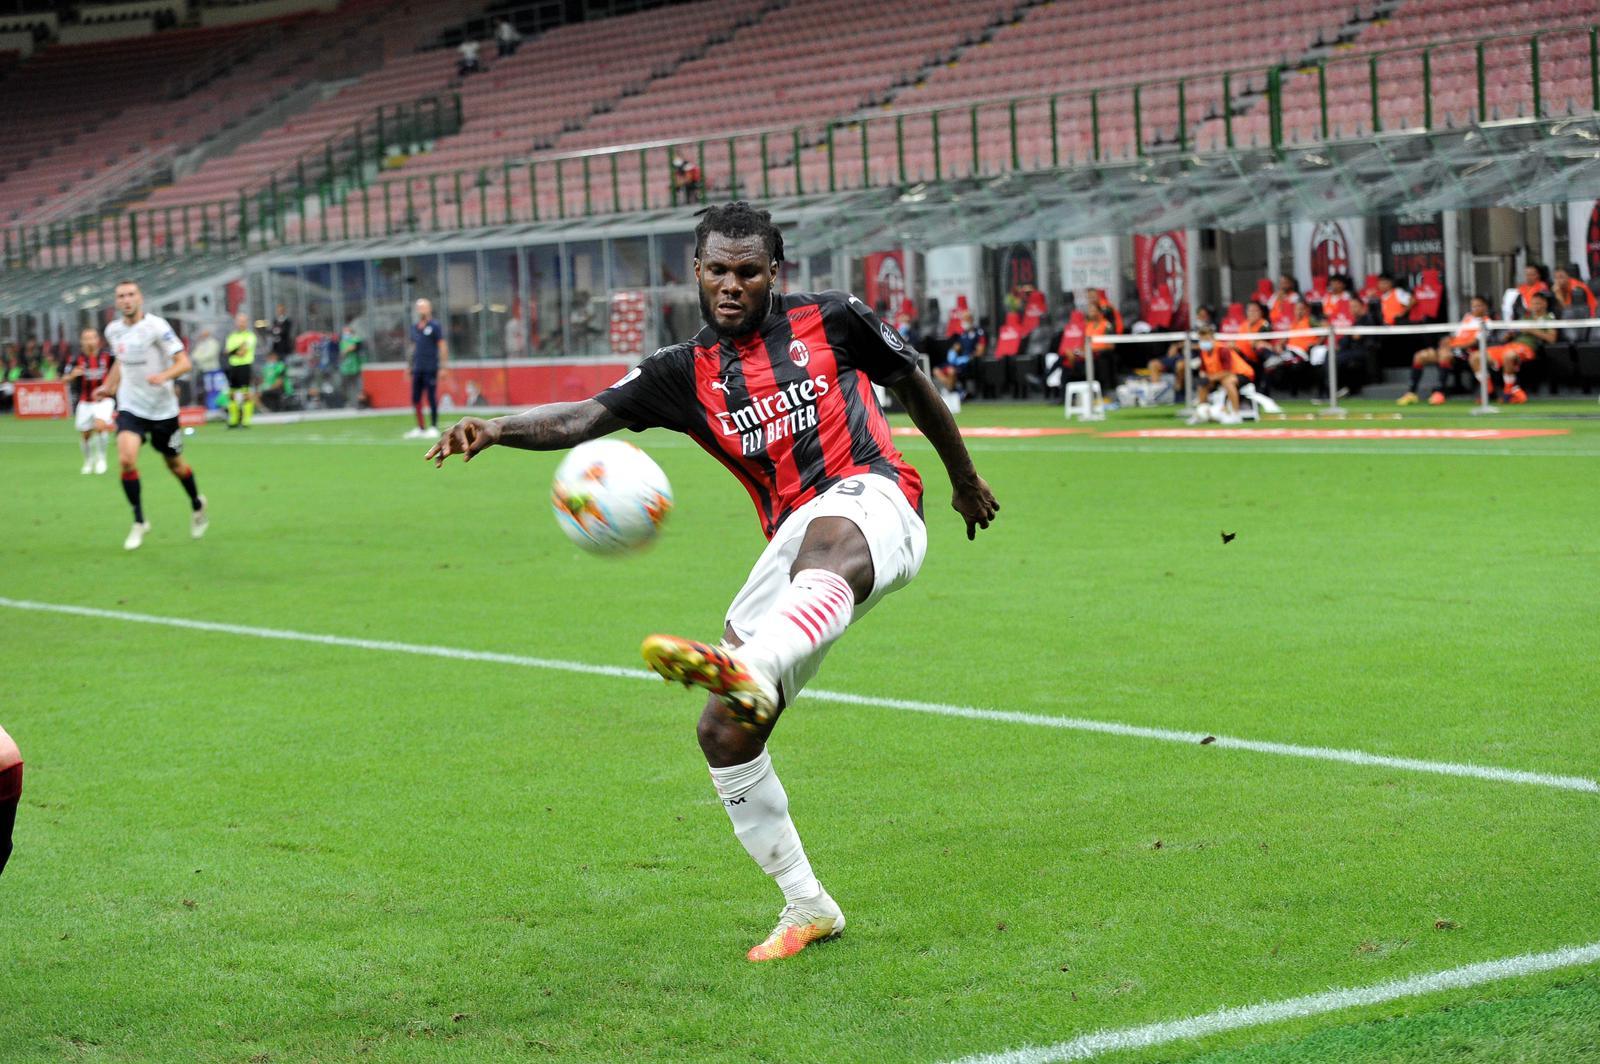 Milan-Fiorentina 2-0: Kessie sbaglia il rigore per il tris ...